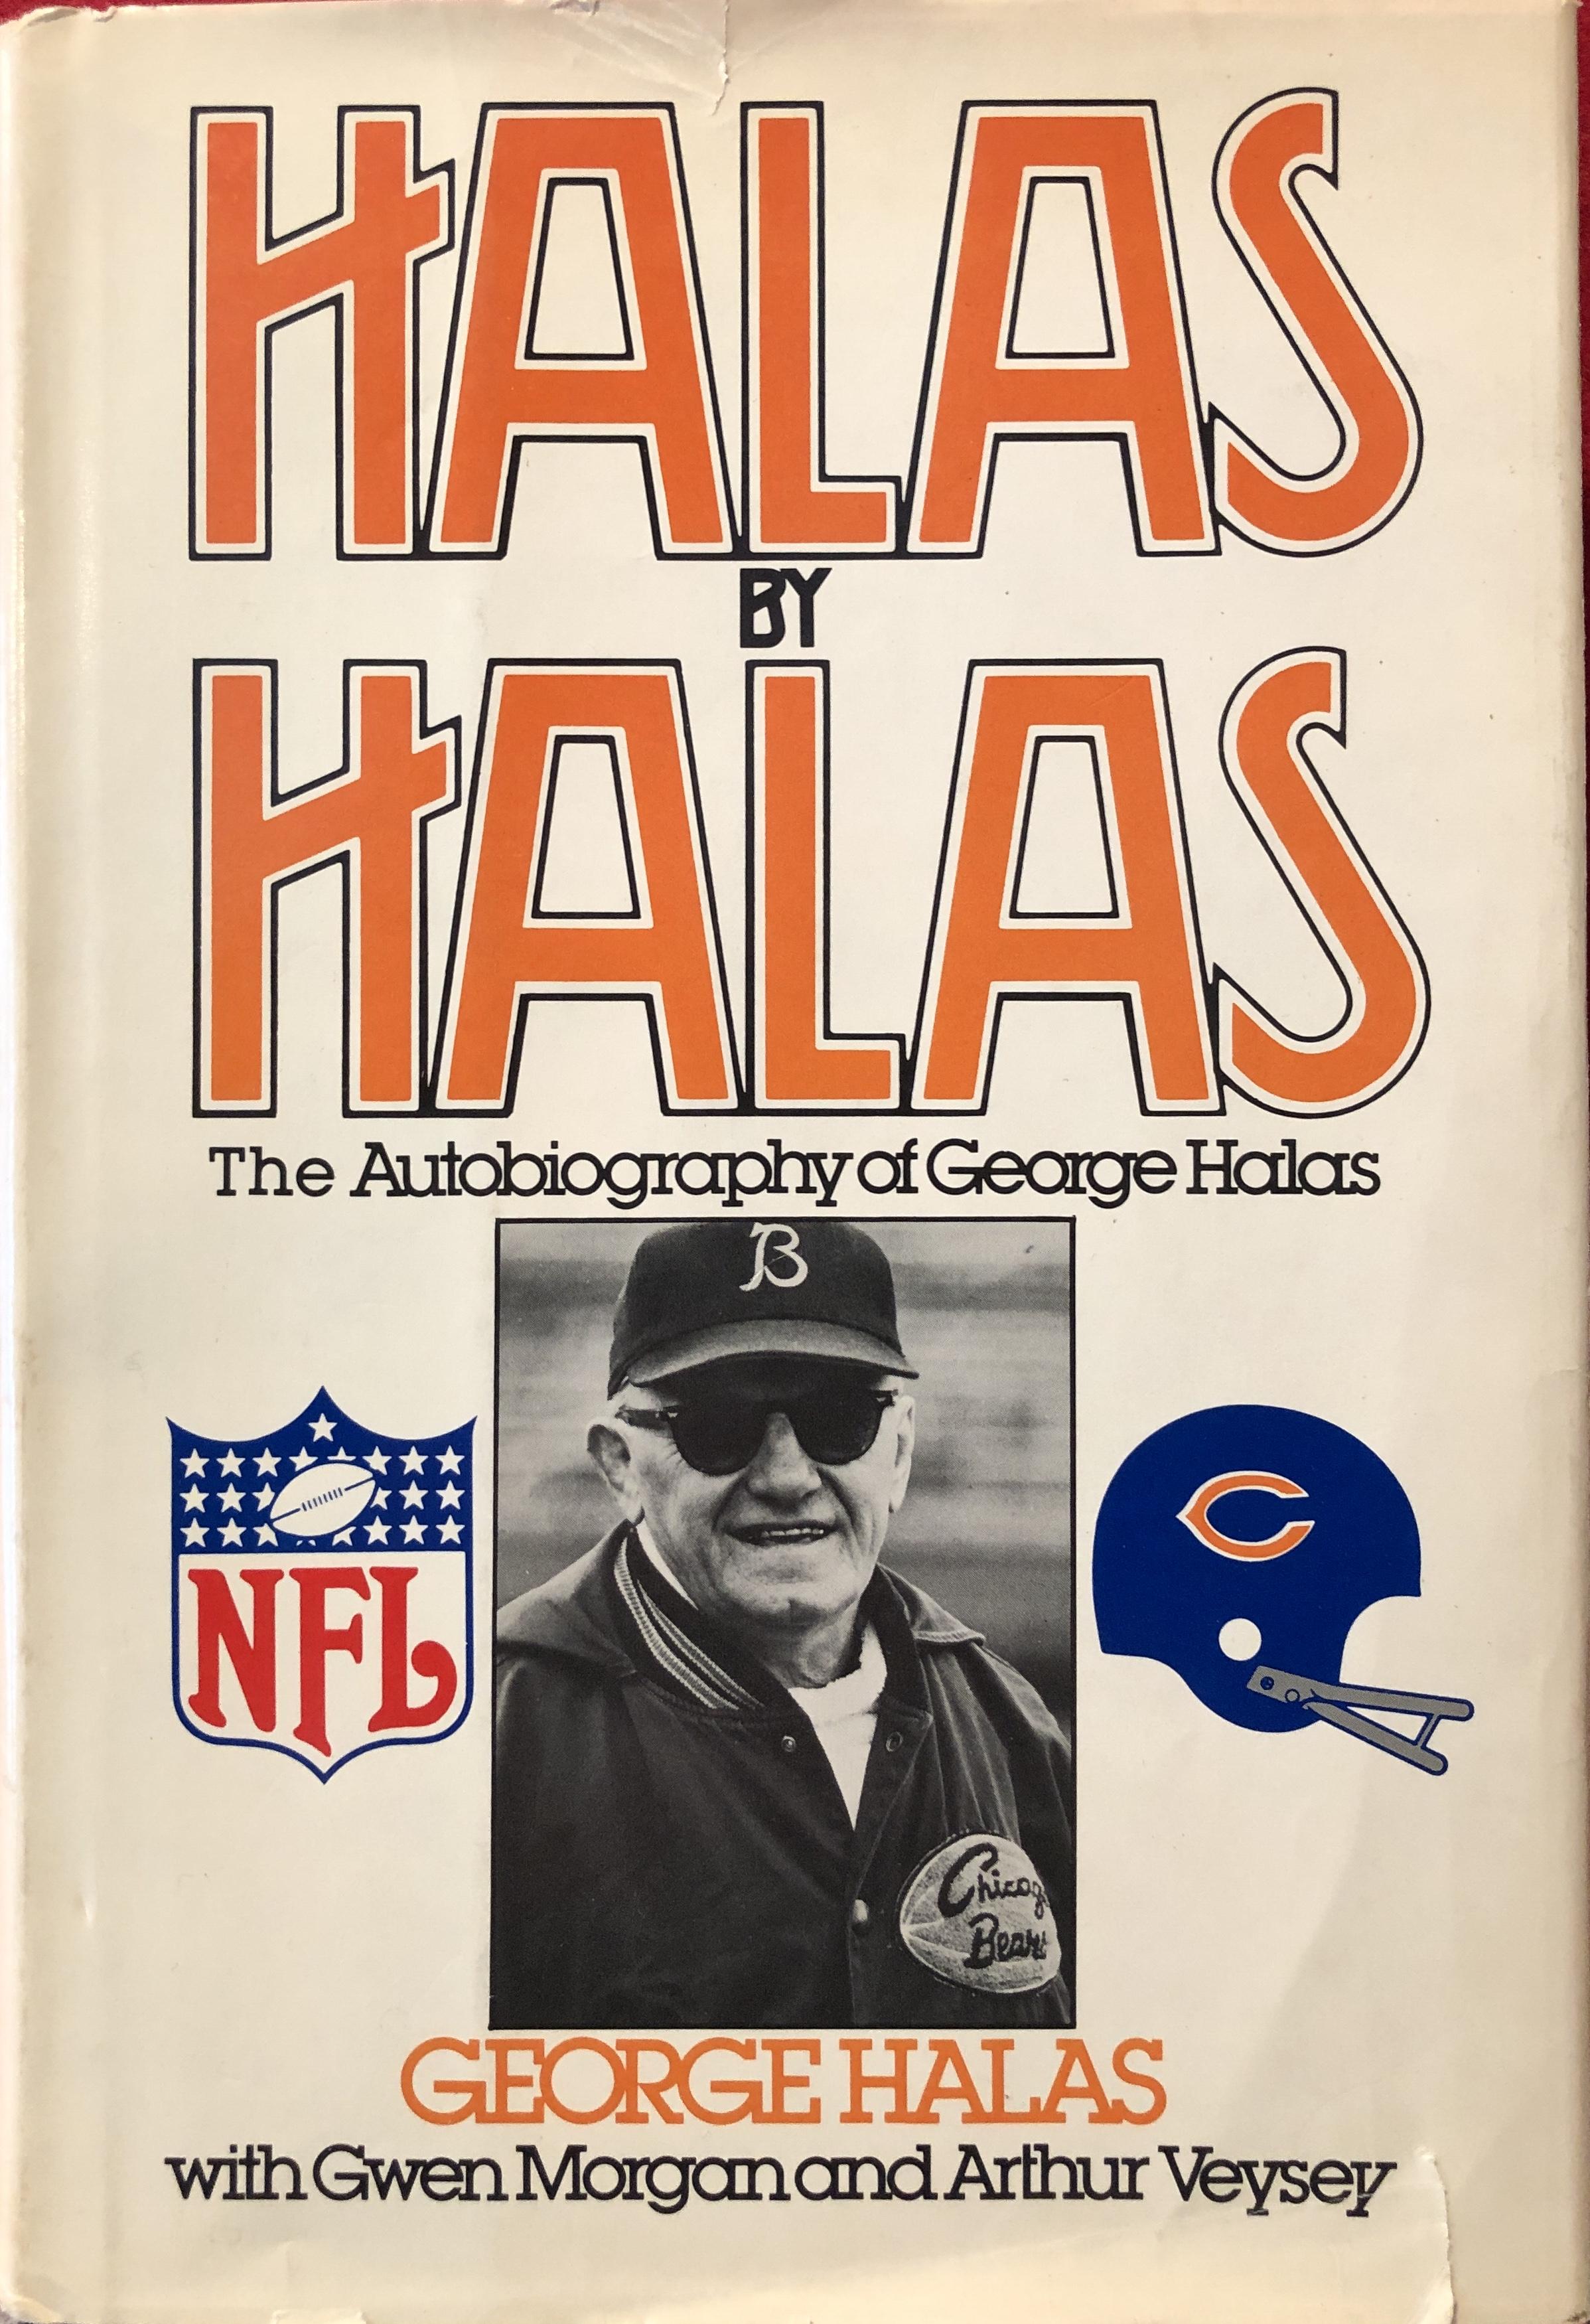 halas_by_halas_cover